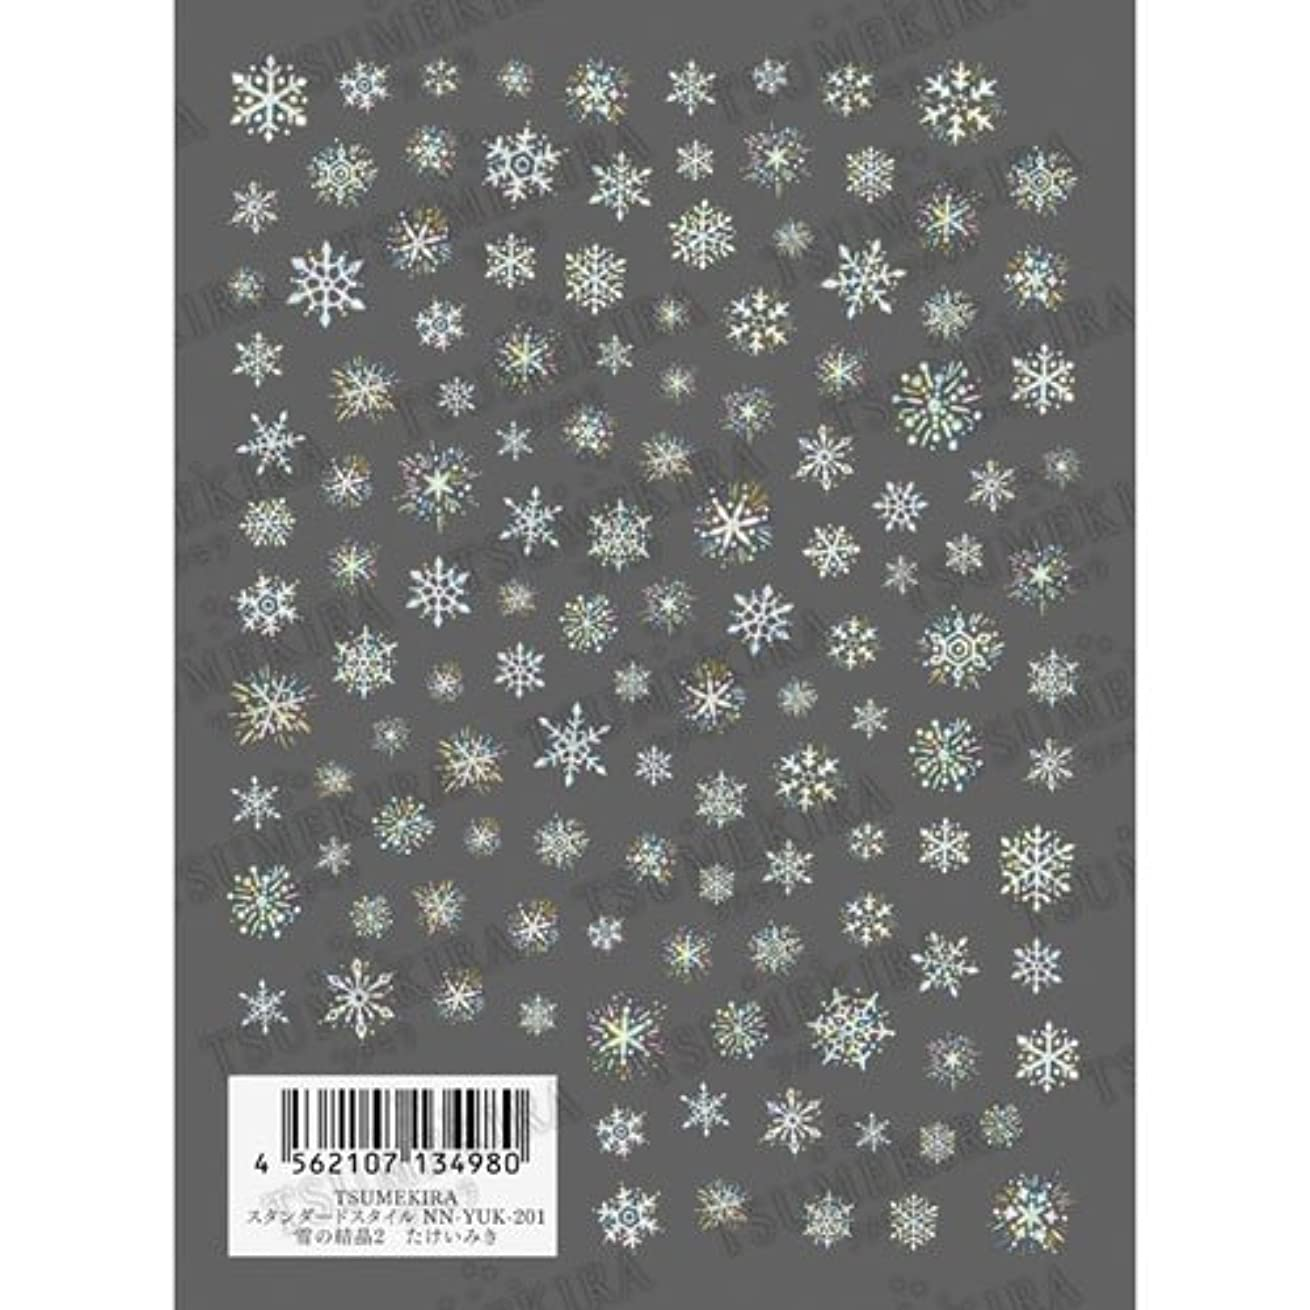 変動する計算可能多年生ツメキラ ネイル用シール スタンダードシリーズ 雪の結晶2 NN-YUK-201